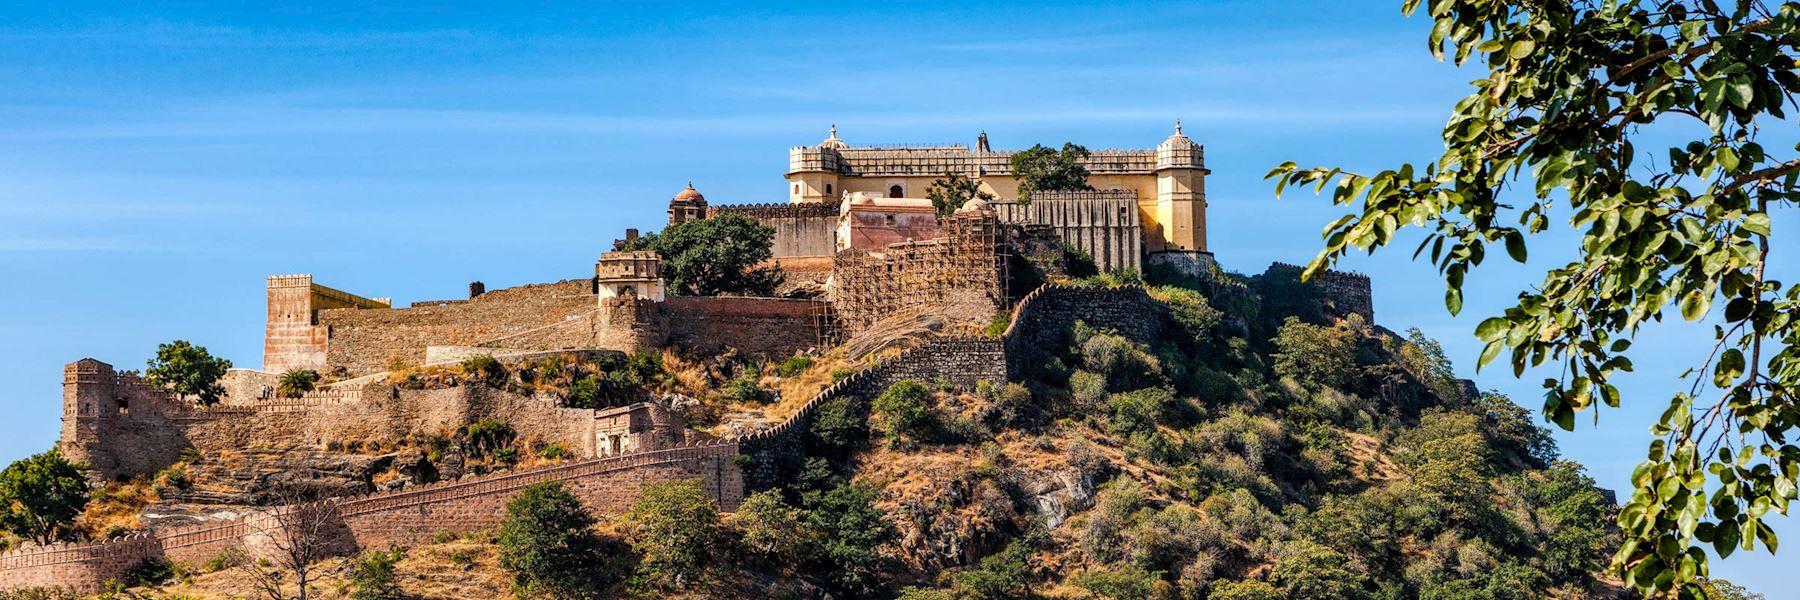 Visit Kumbalgarh, India